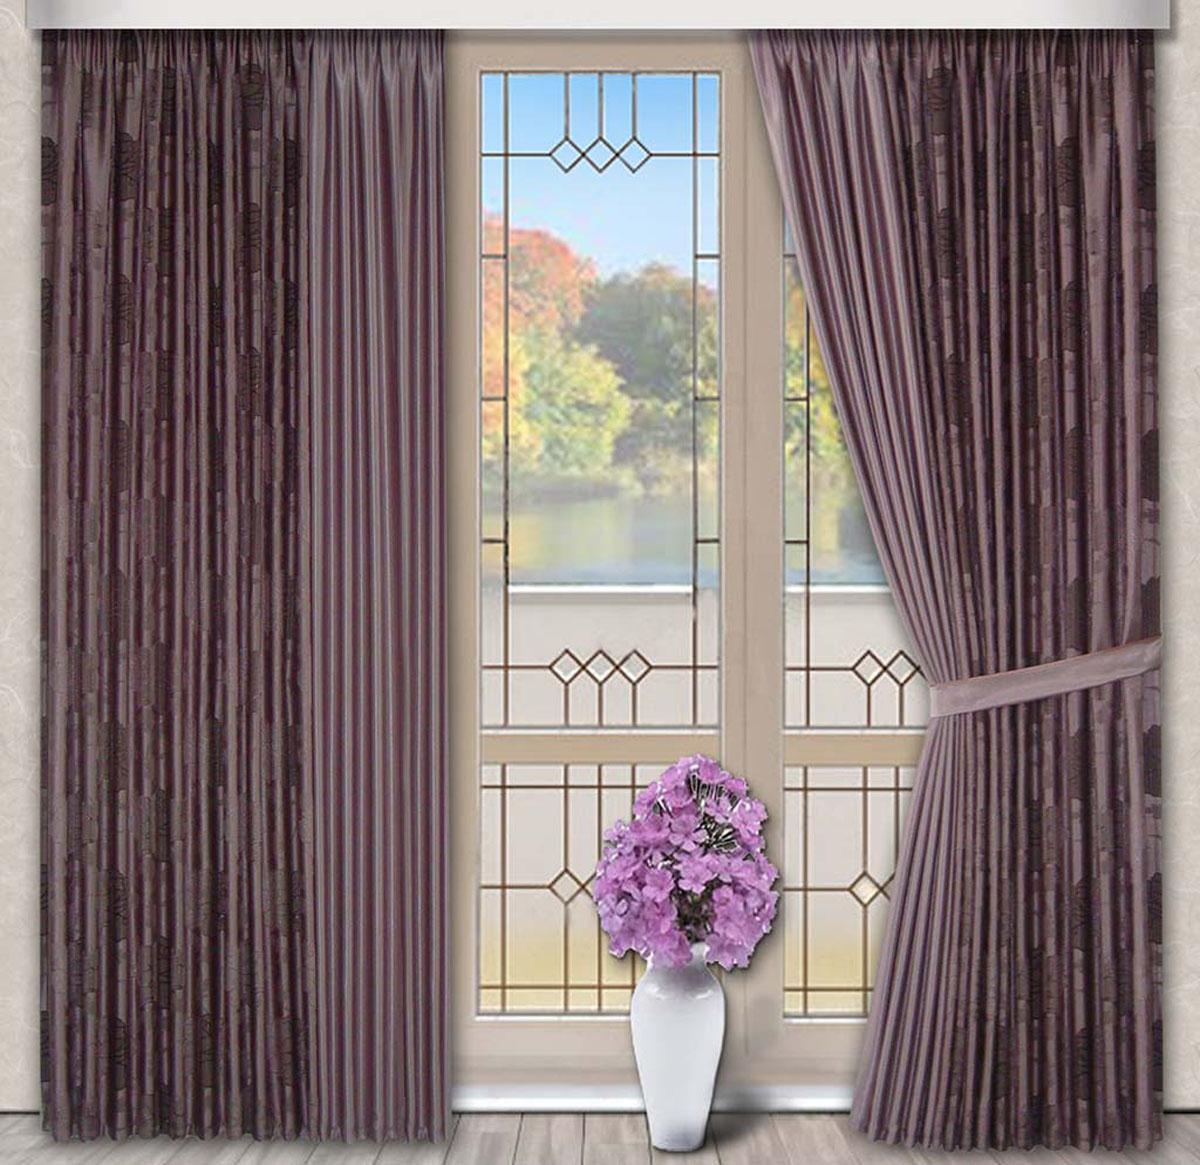 Комплект штор Роза, на ленте, цвет: сиреневый, высота 270 см79706Портьерная ткань с жаккардовым рисунком по краю и в центре однотонная. Стирка не более 30 градусов.